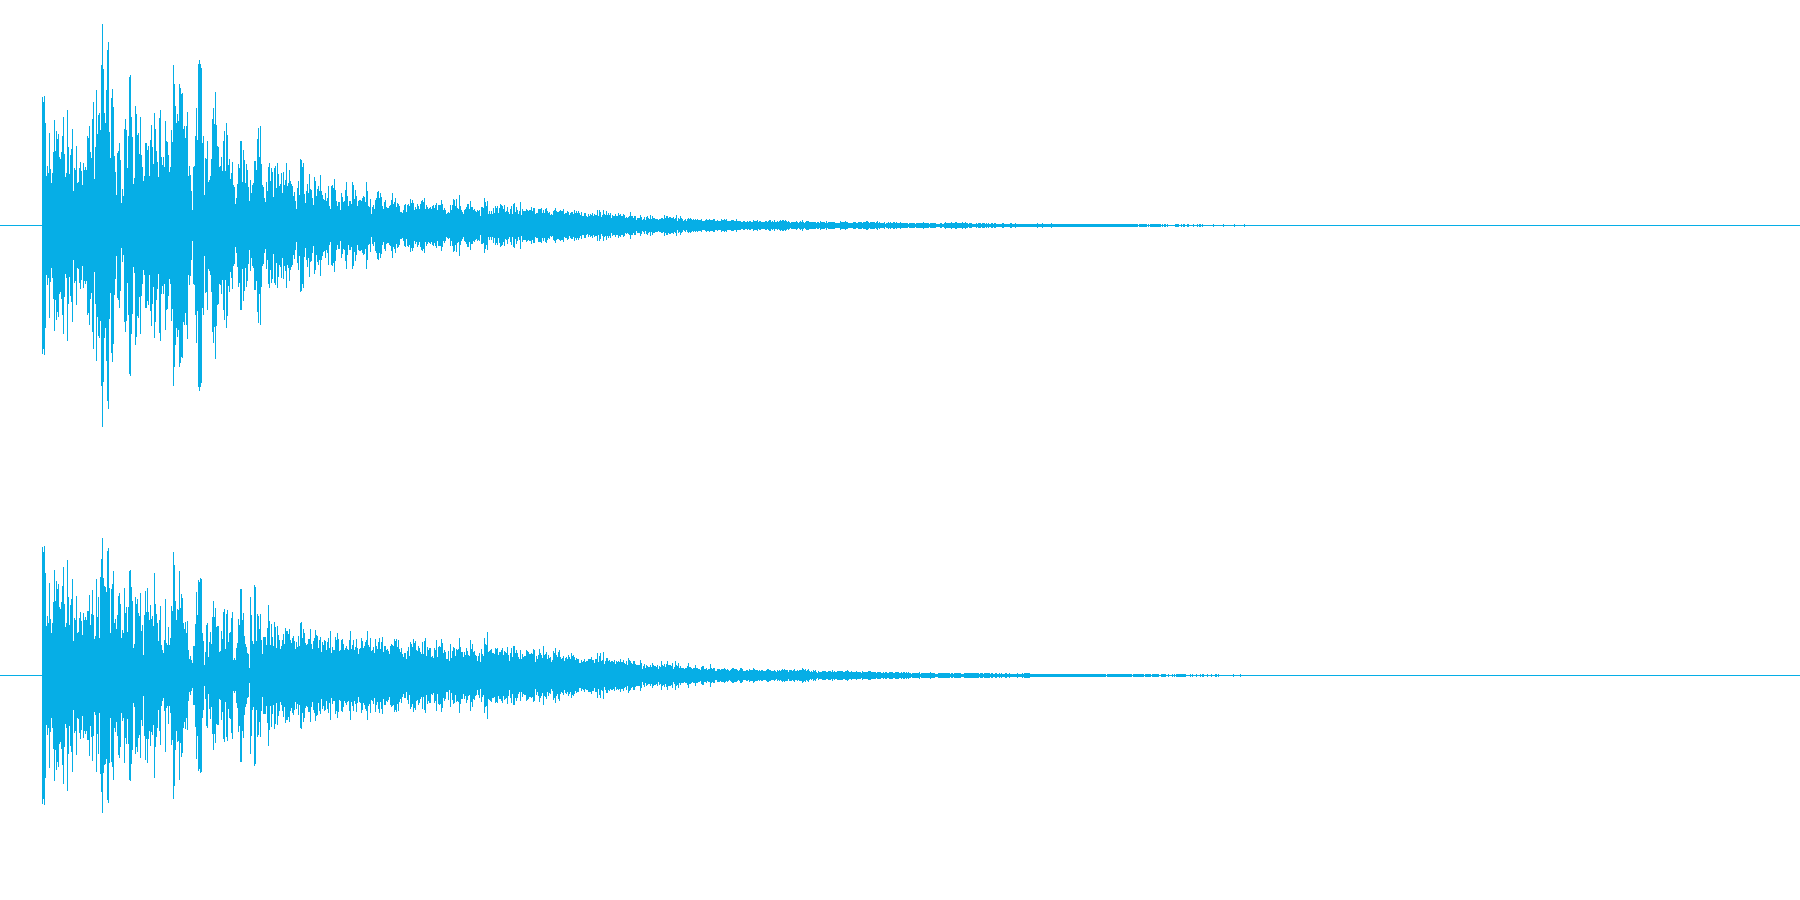 ドドドンチーン、タム回しからシンバルへの再生済みの波形